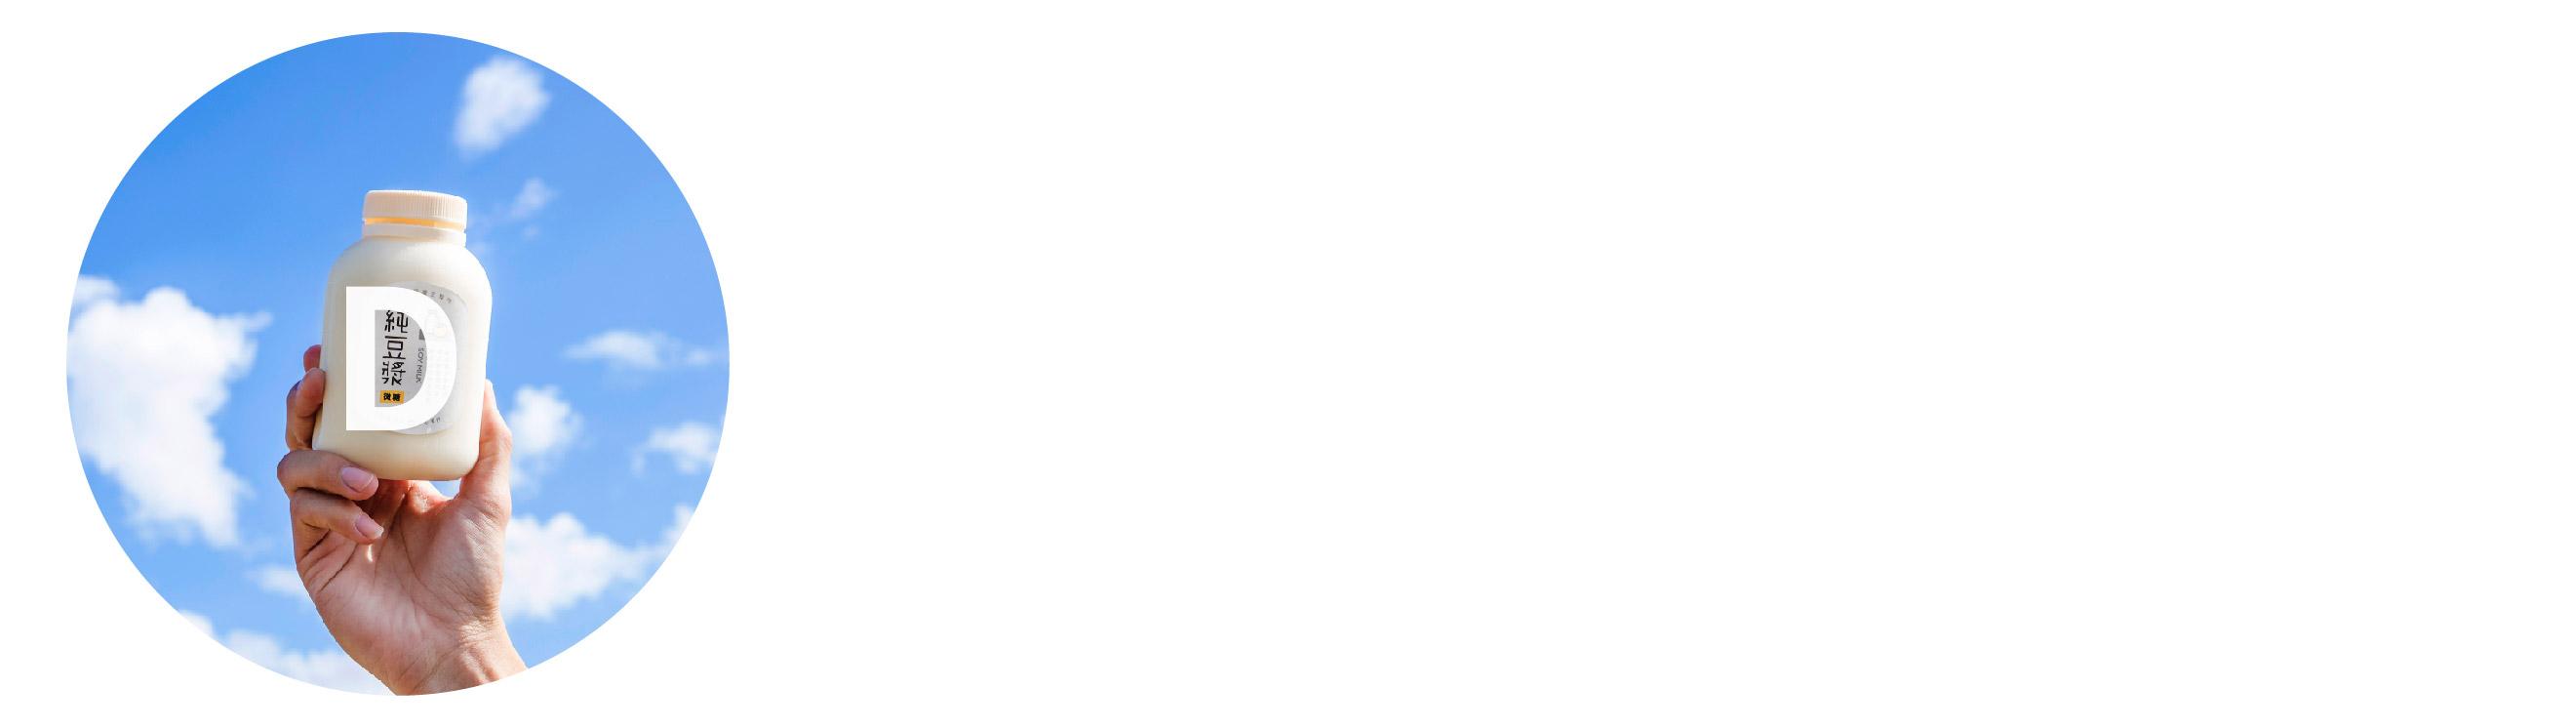 甘樂文創社創良品採購型錄_工作區域 1 複本 43.jpg